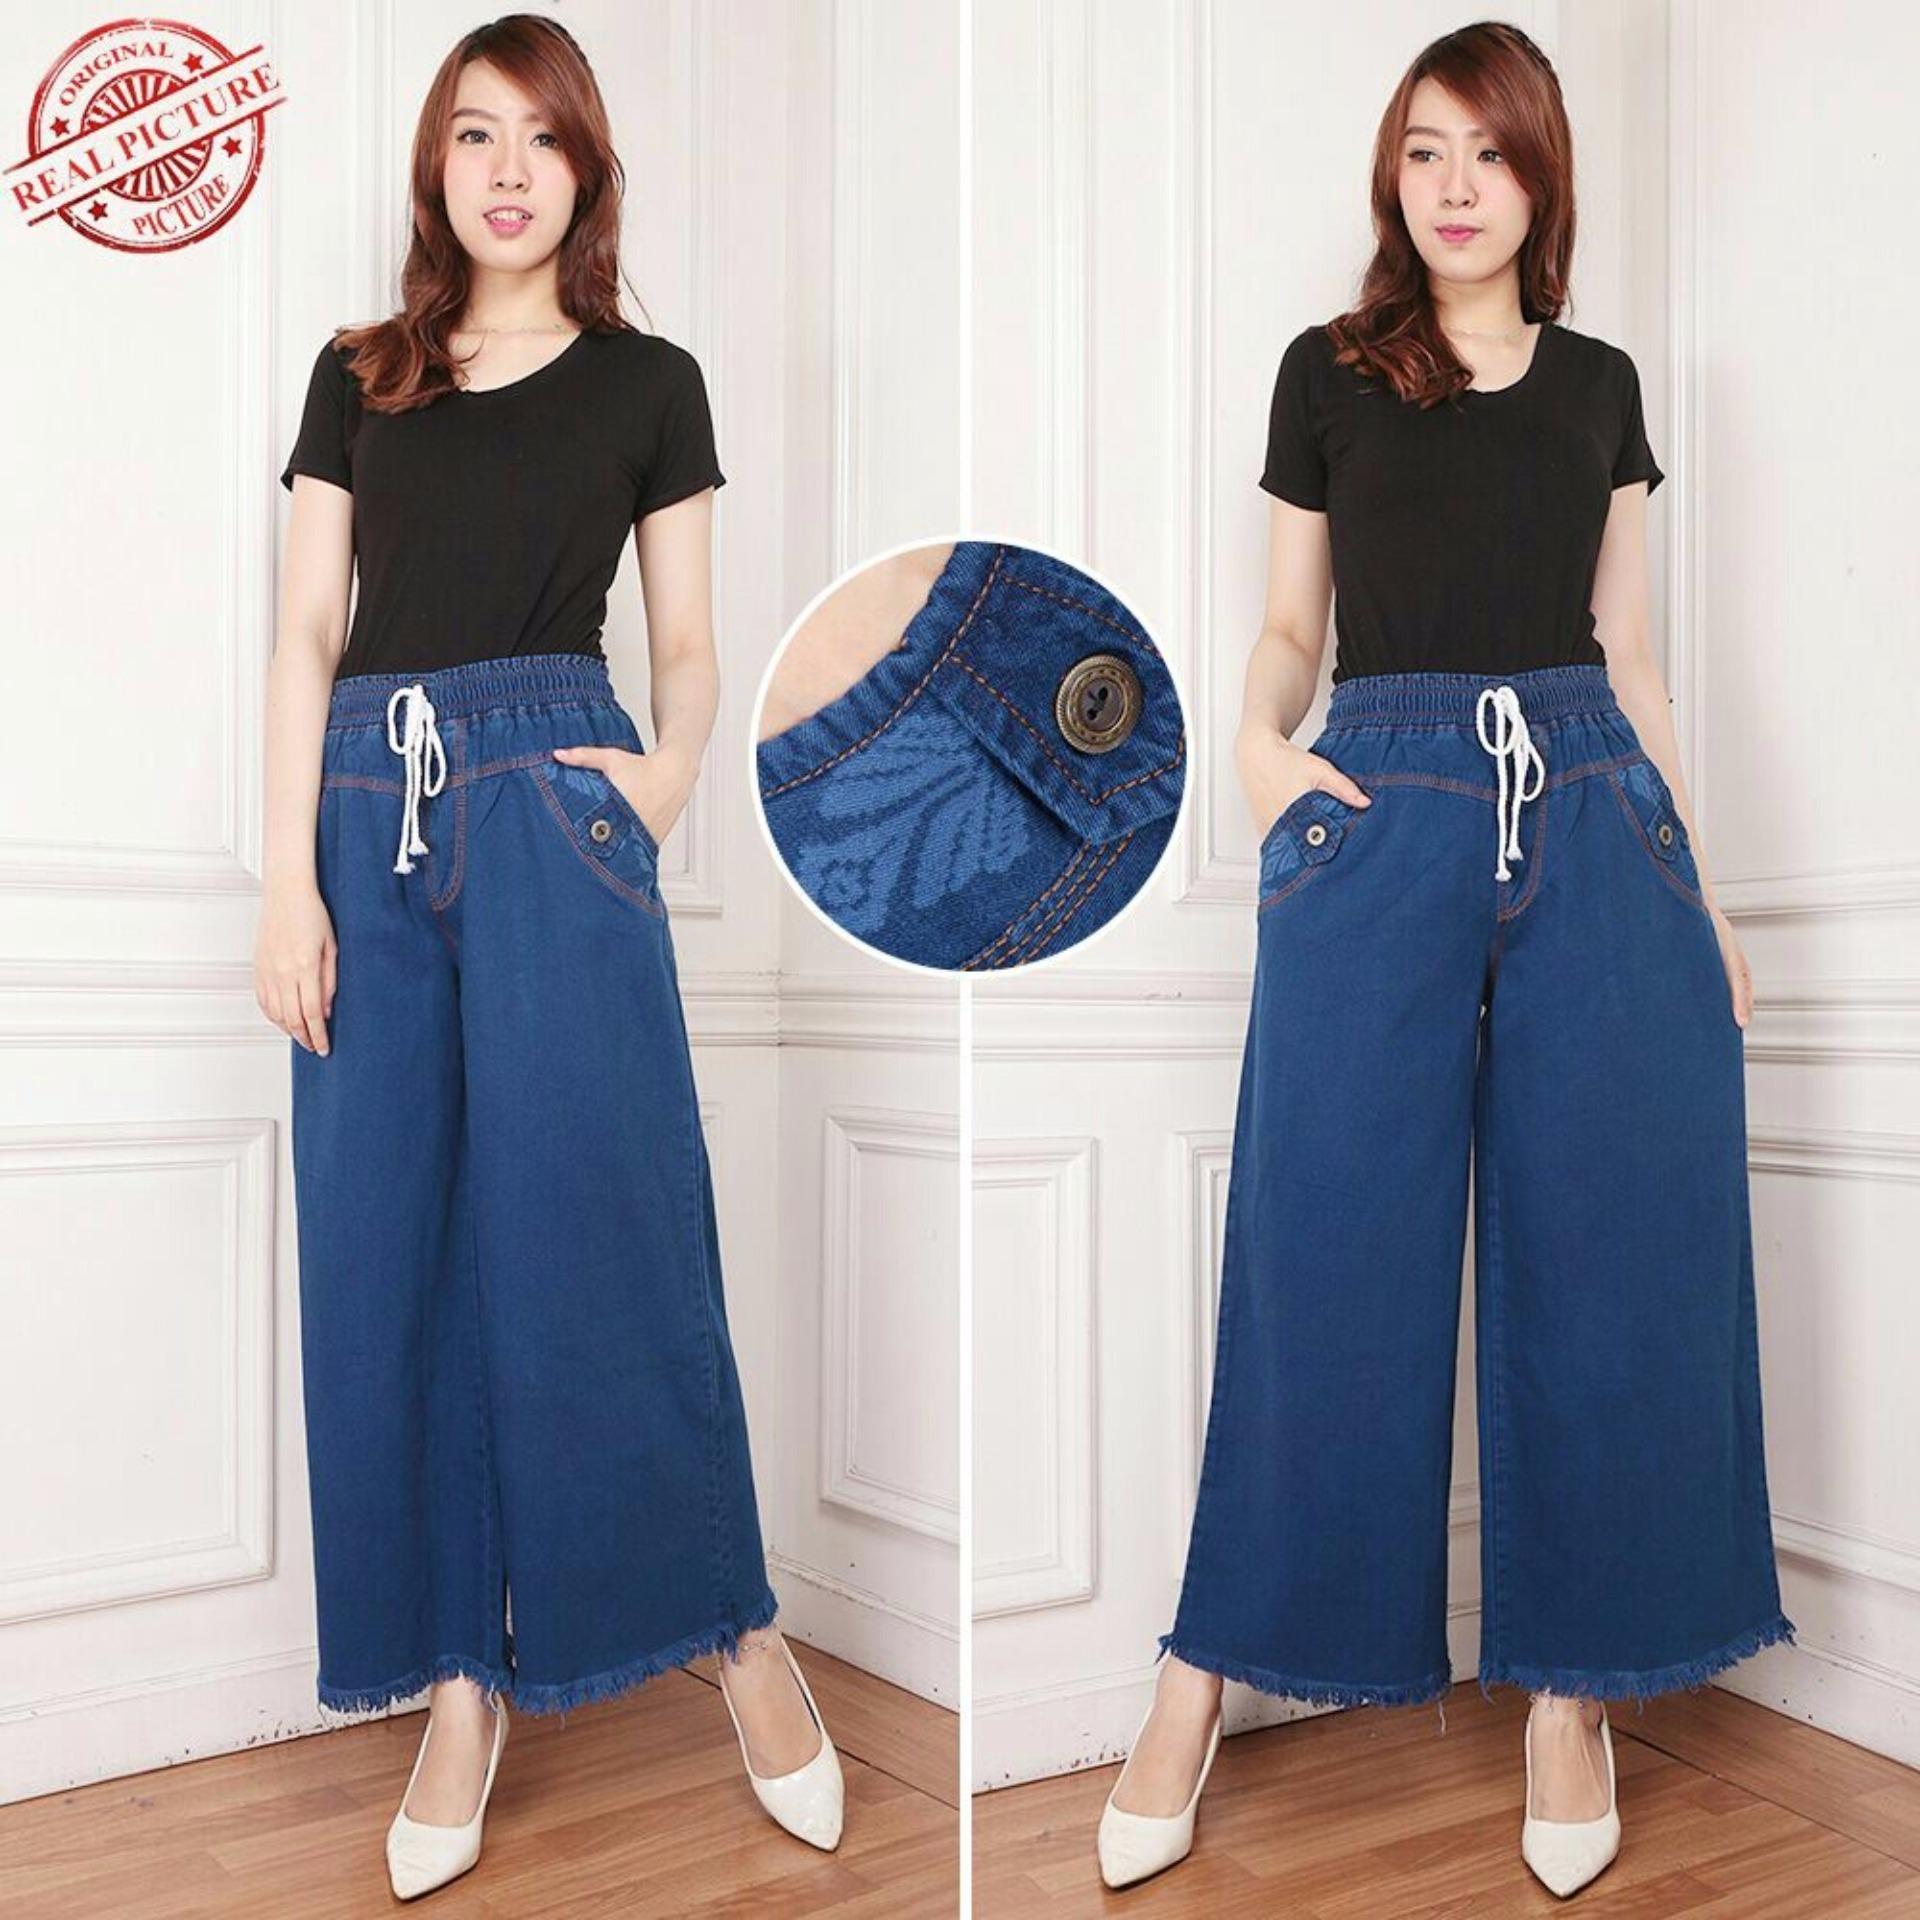 Jual Celana Jeans Kulot Panjang Wanita Jumbo Long Pant Cenny Murah